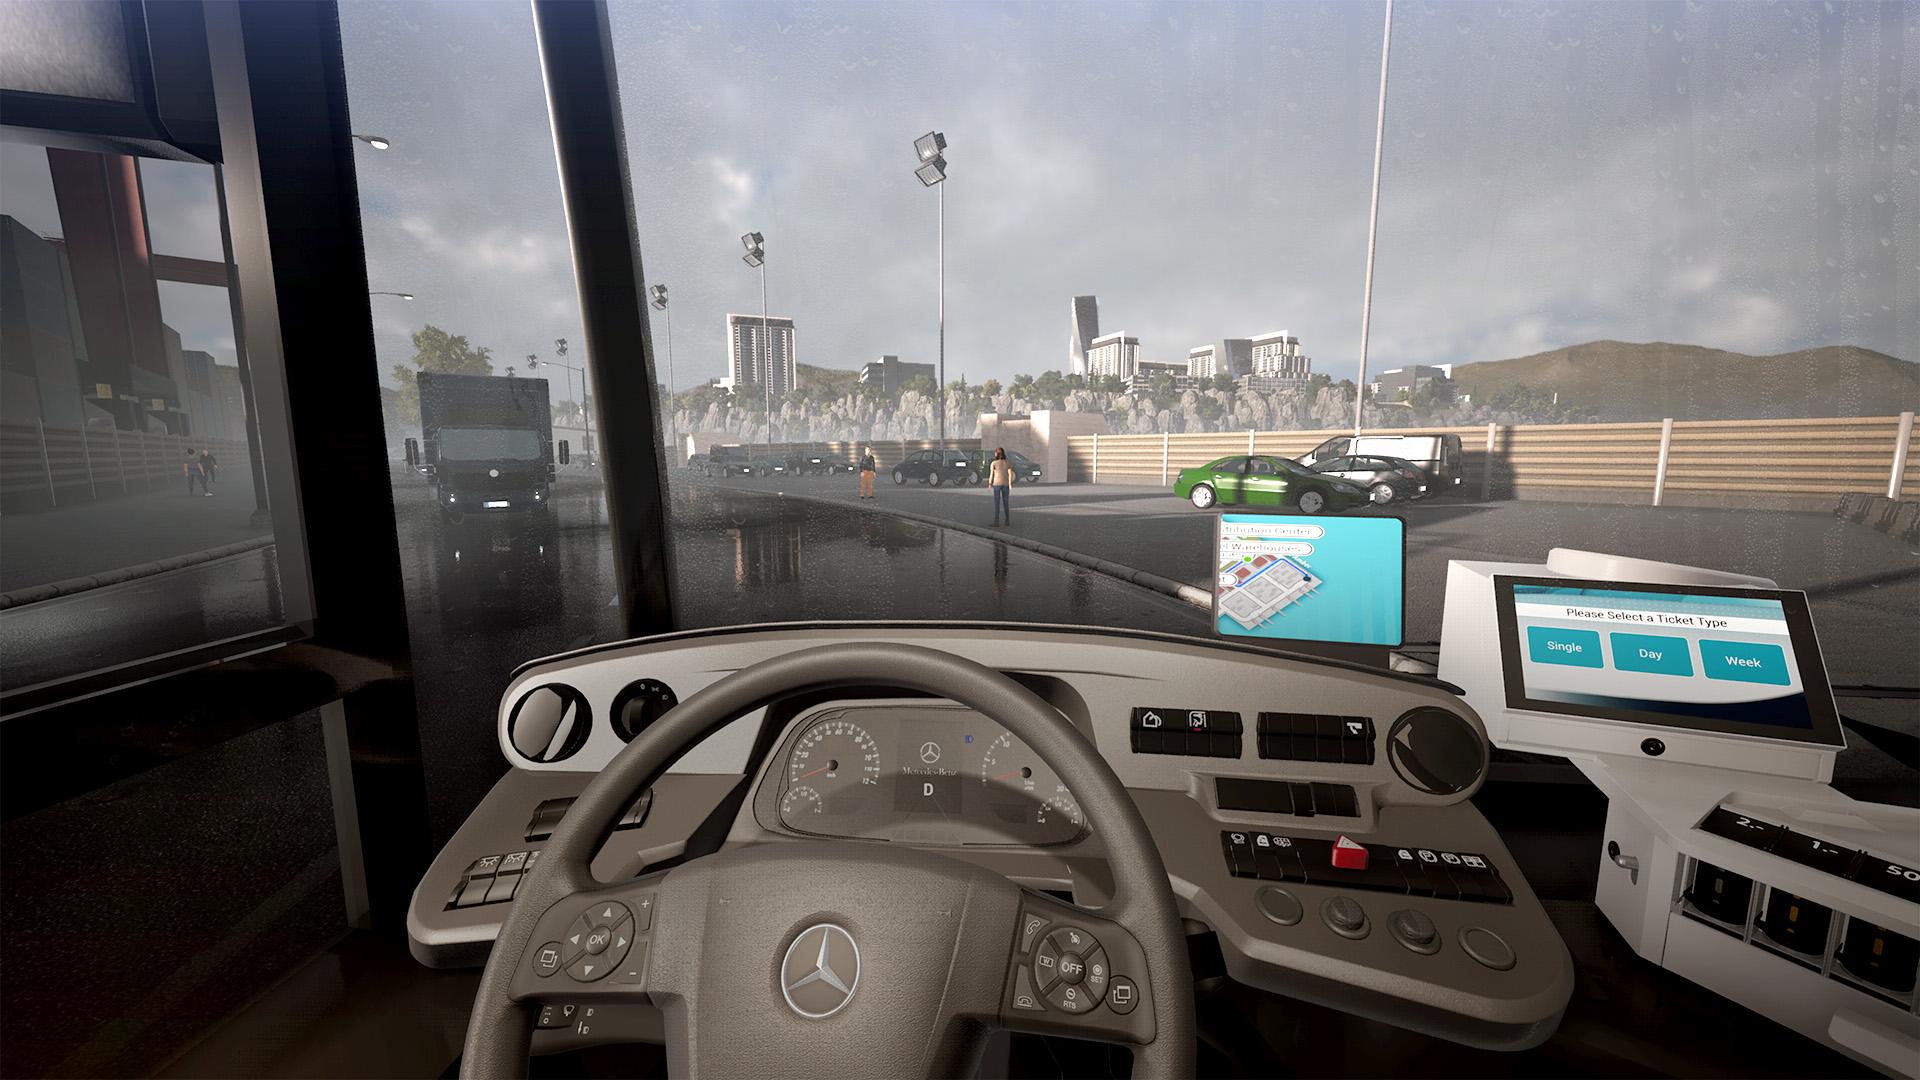 Le poste de pilotage est hautement détaillé et les boutons et contrôles sont interactifs